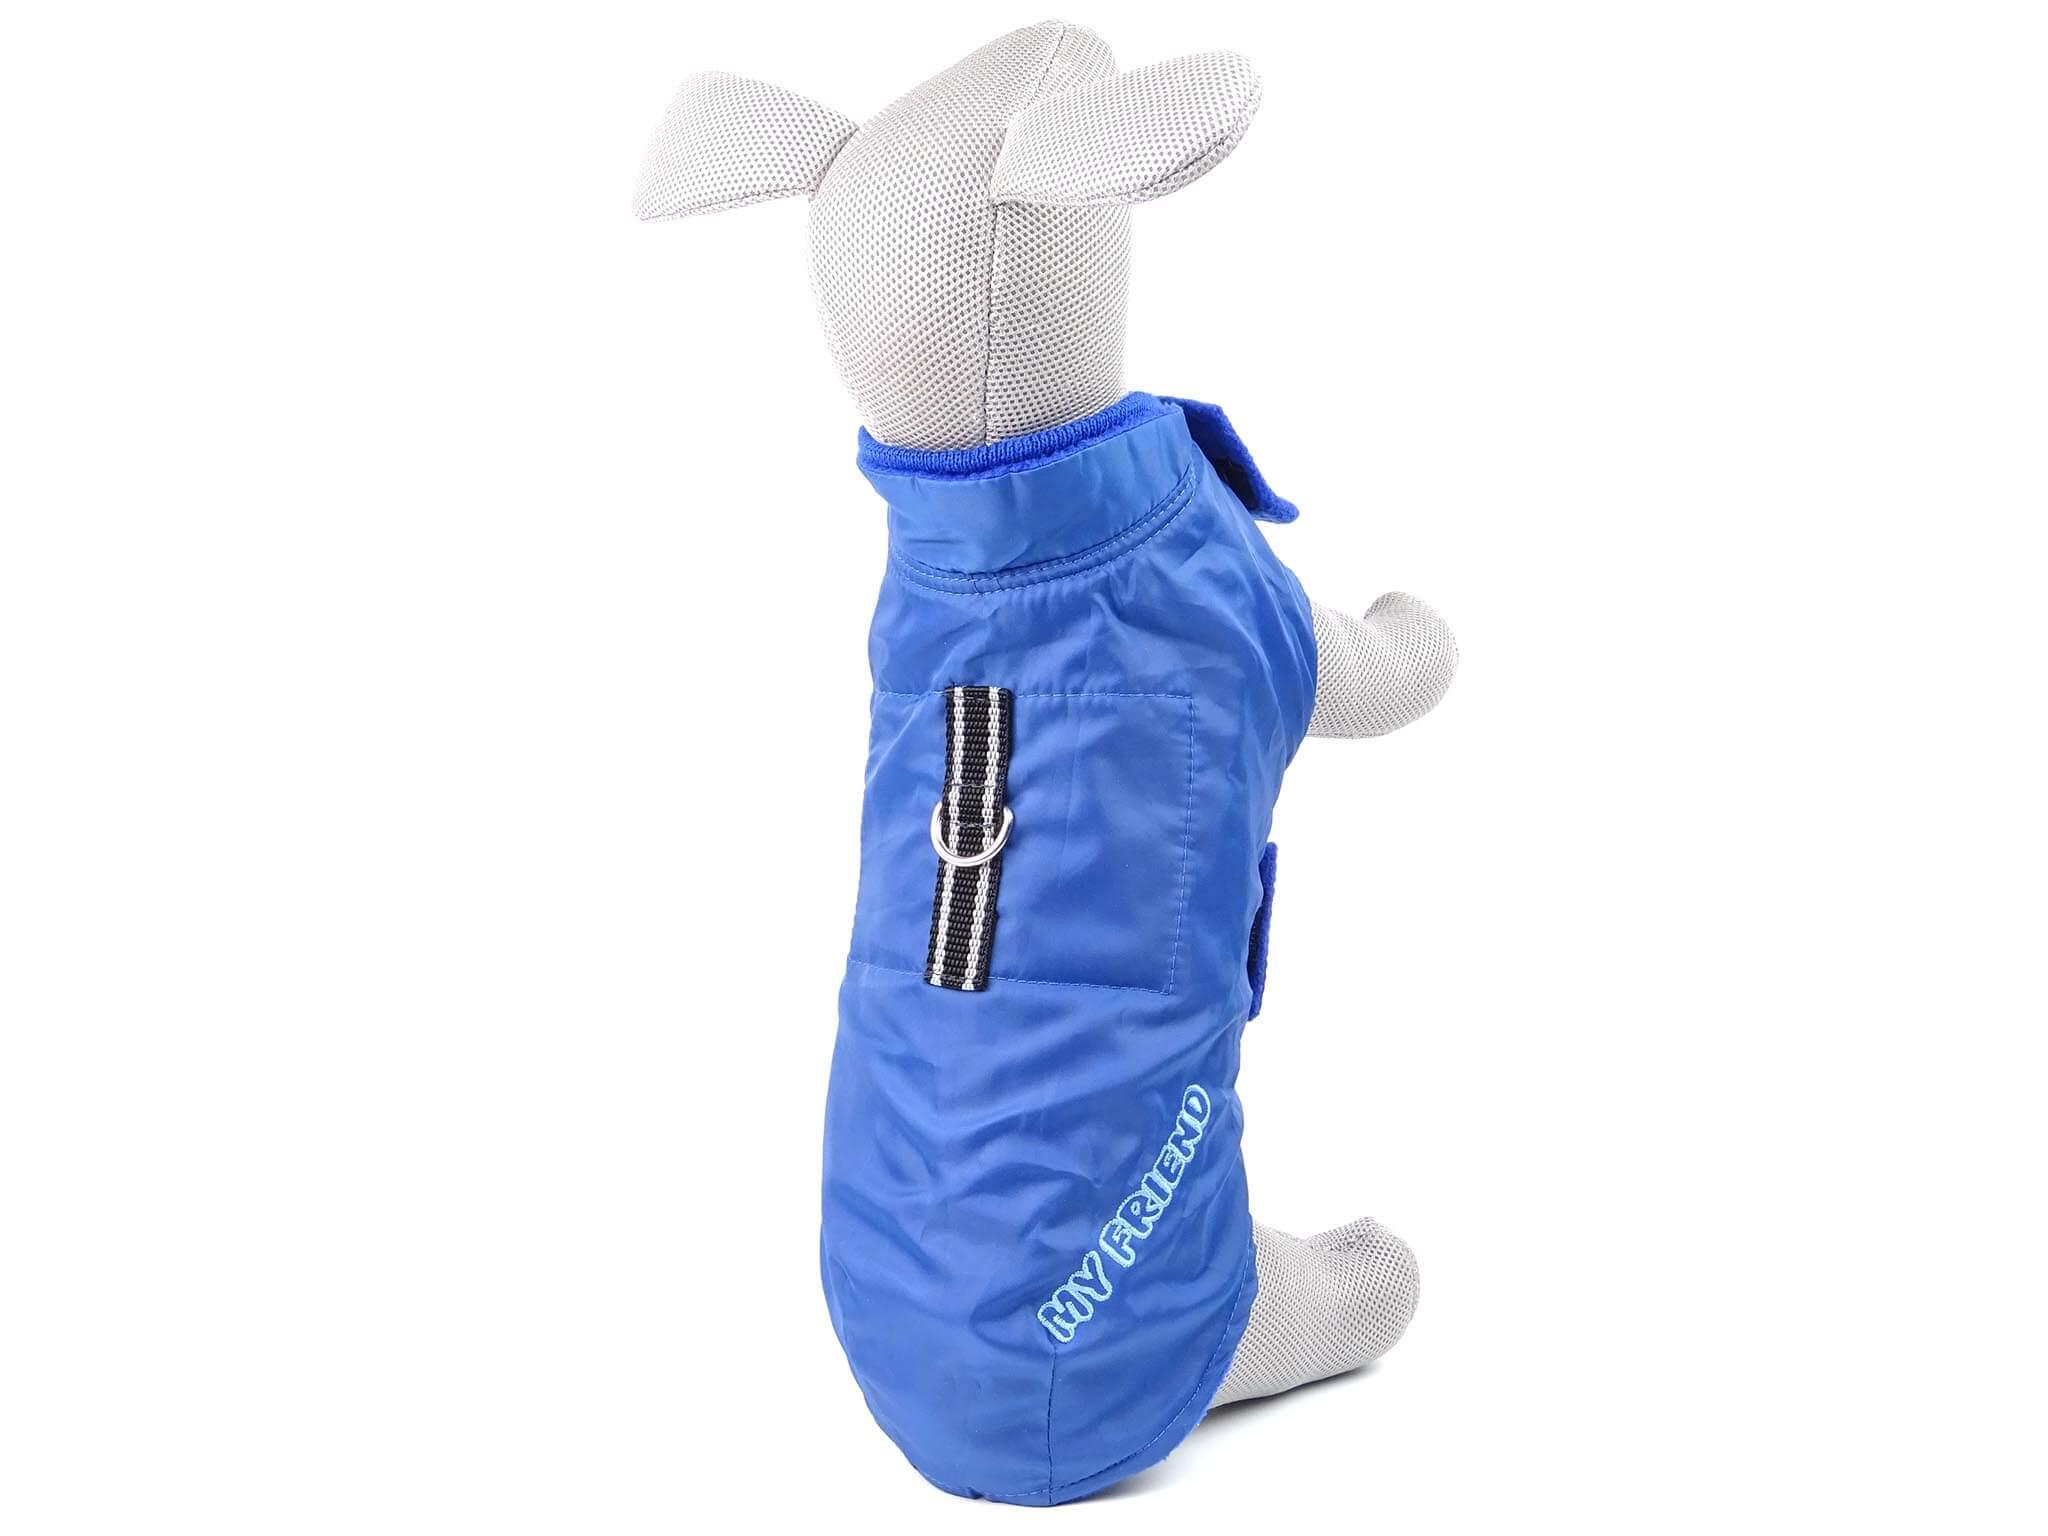 """Vsepropejska Snowy zimní bunda """"My friend"""" pro psa Barva: Modrá, Délka zad psa: 40 cm, Obvod hrudníku: 40 - 64 cm"""